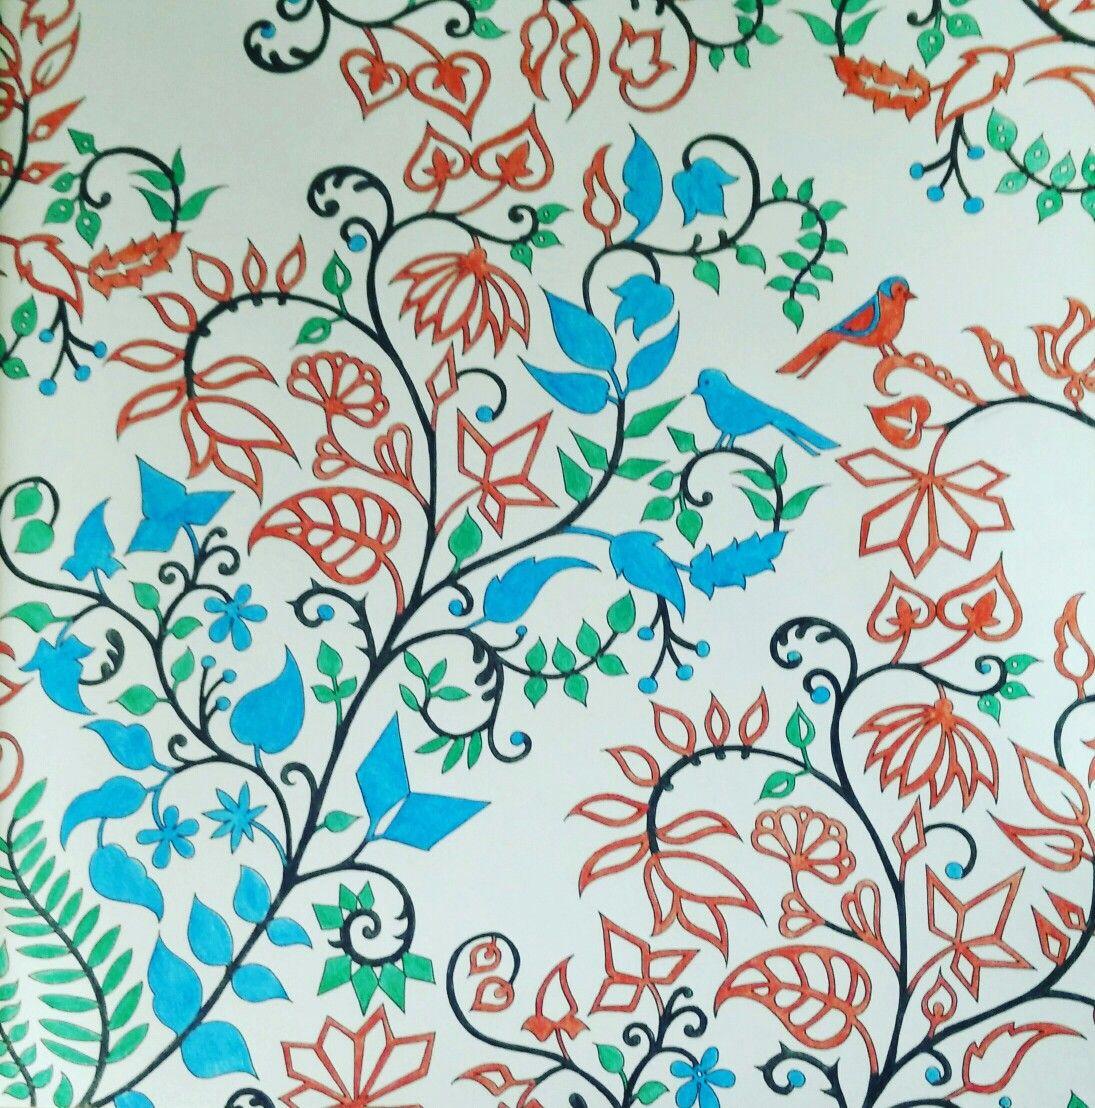 Berühmt Scroll Malseite Fotos - Druckbare Malvorlagen - helmymaher.com